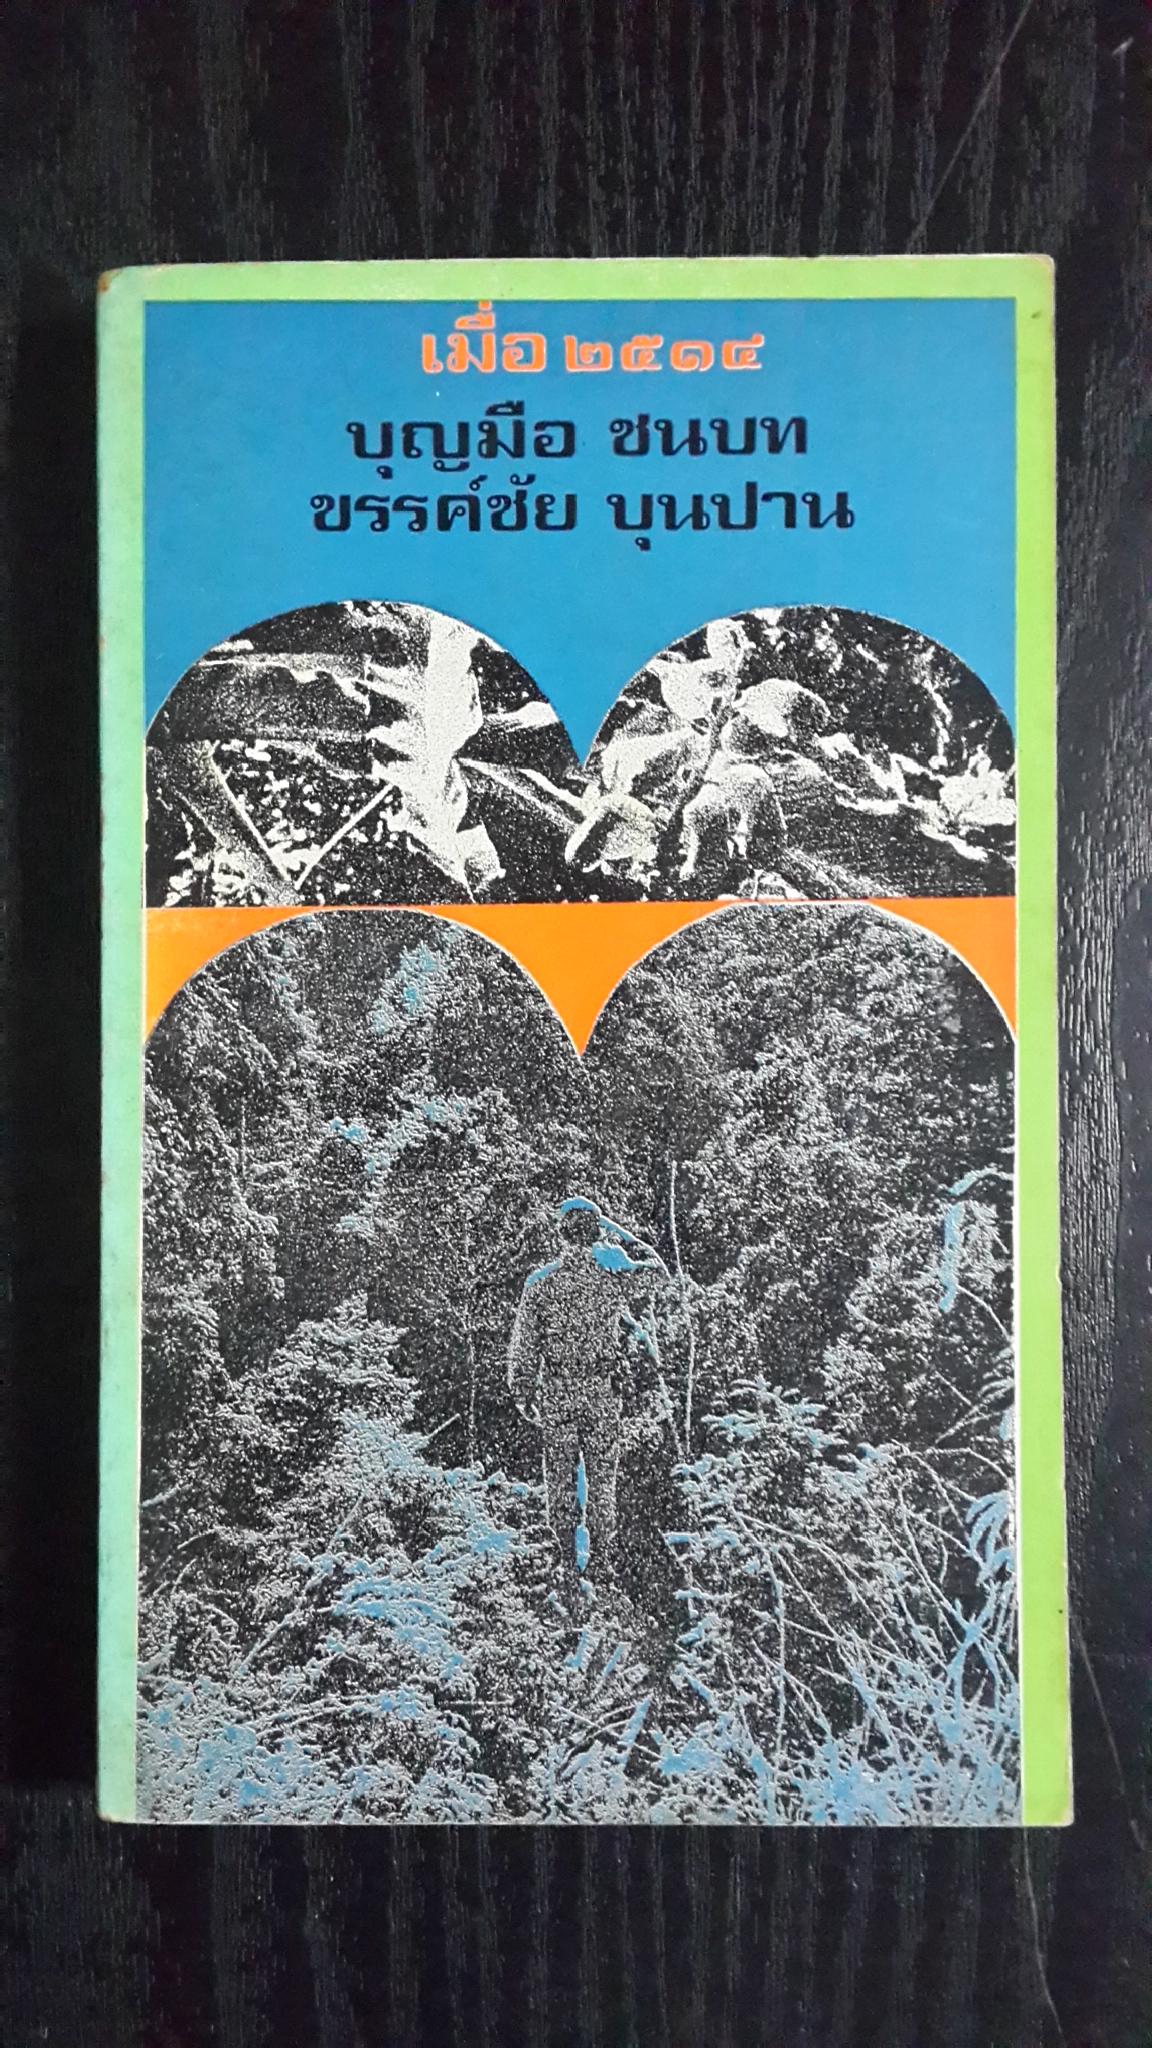 เมื่อ ๒๕๑๔ / บุญมือ ชนบท-ขรรค์ชัย บุนปาน